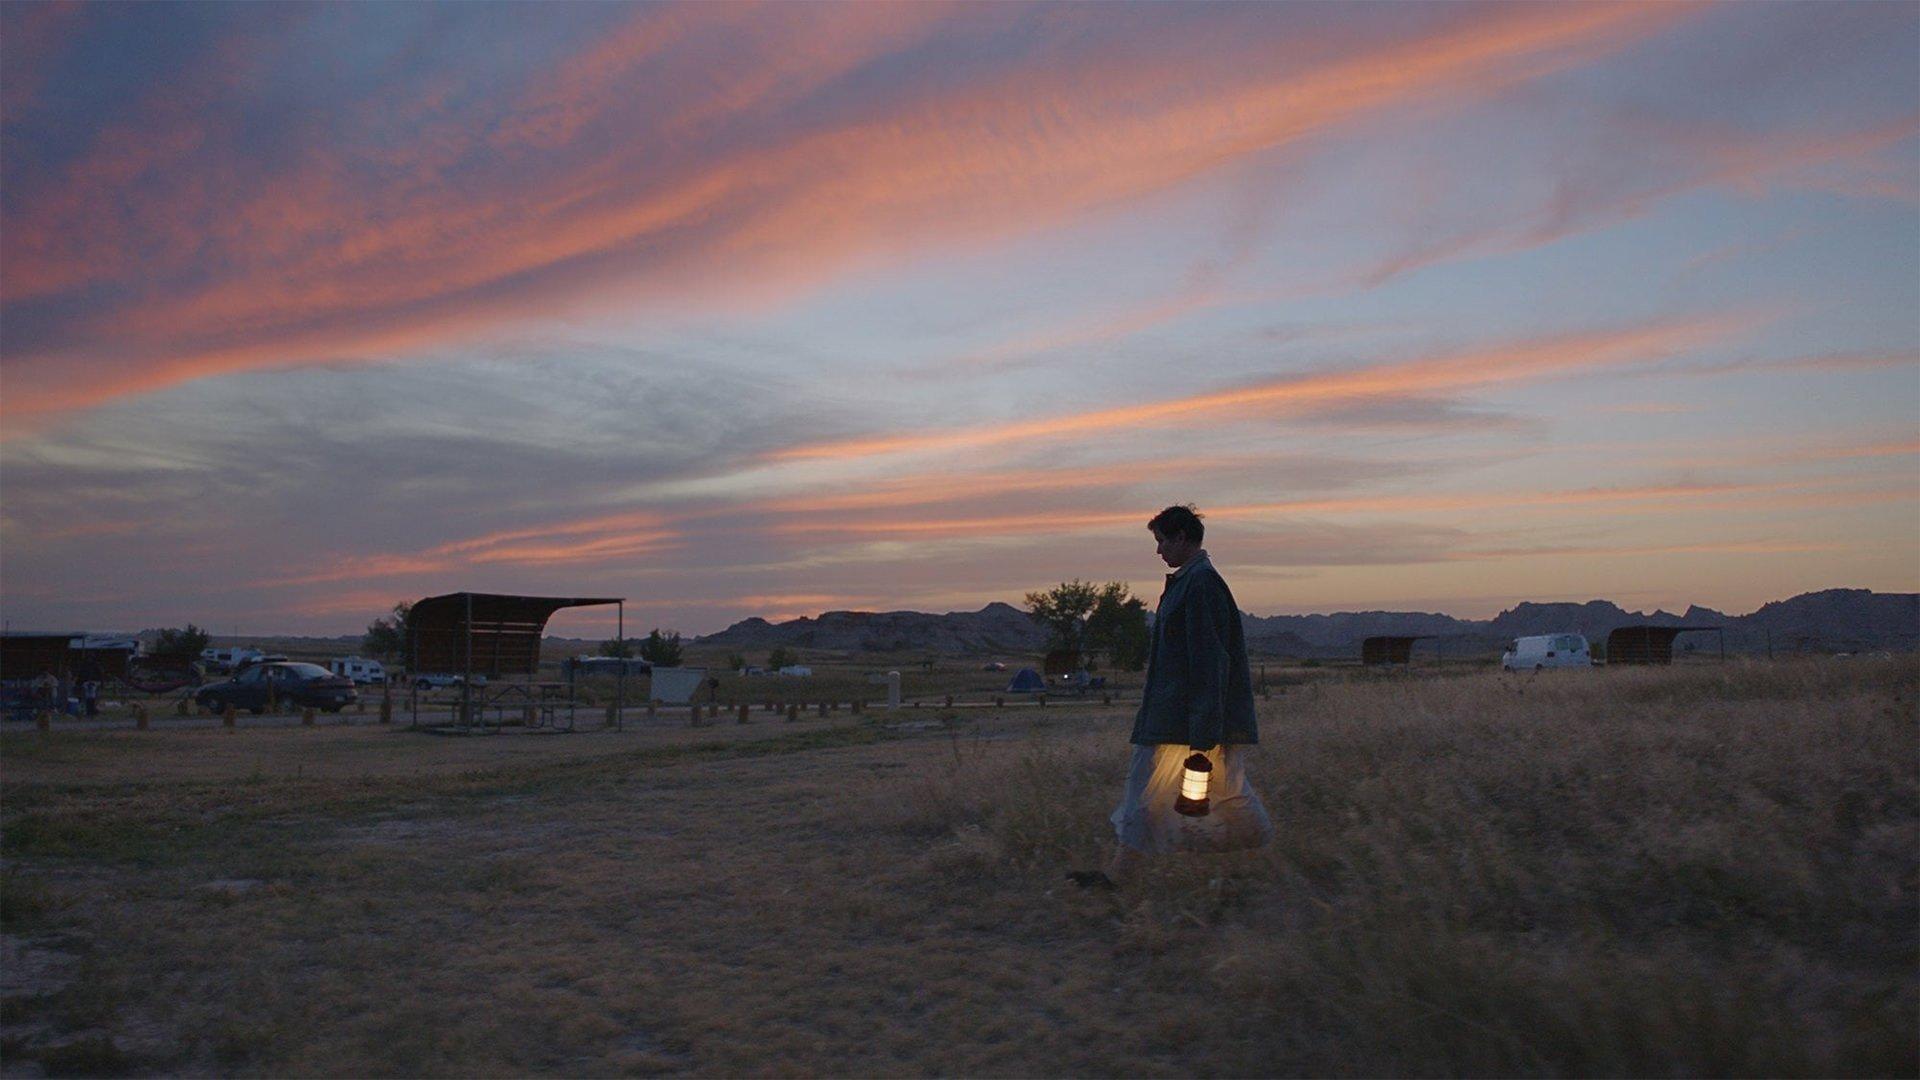 تاریخ پخش فیلم Nomadland از شبکه Hulu اعلام شد